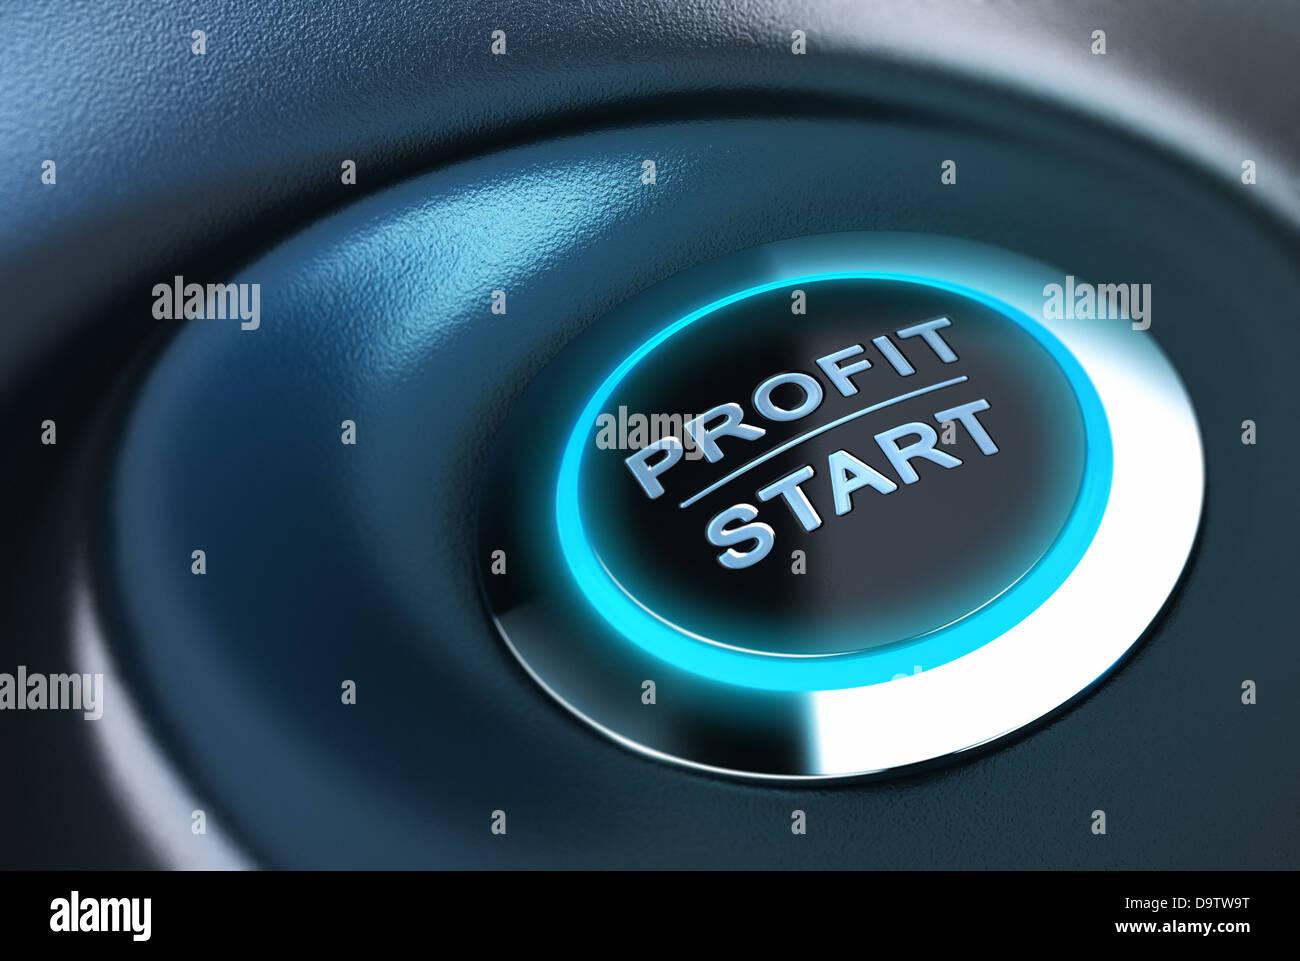 Ergebnis Taste mit blauem Licht. 3D-Render über Blau und Schwarz Hintergrund geeignet für Capital Management Stockbild